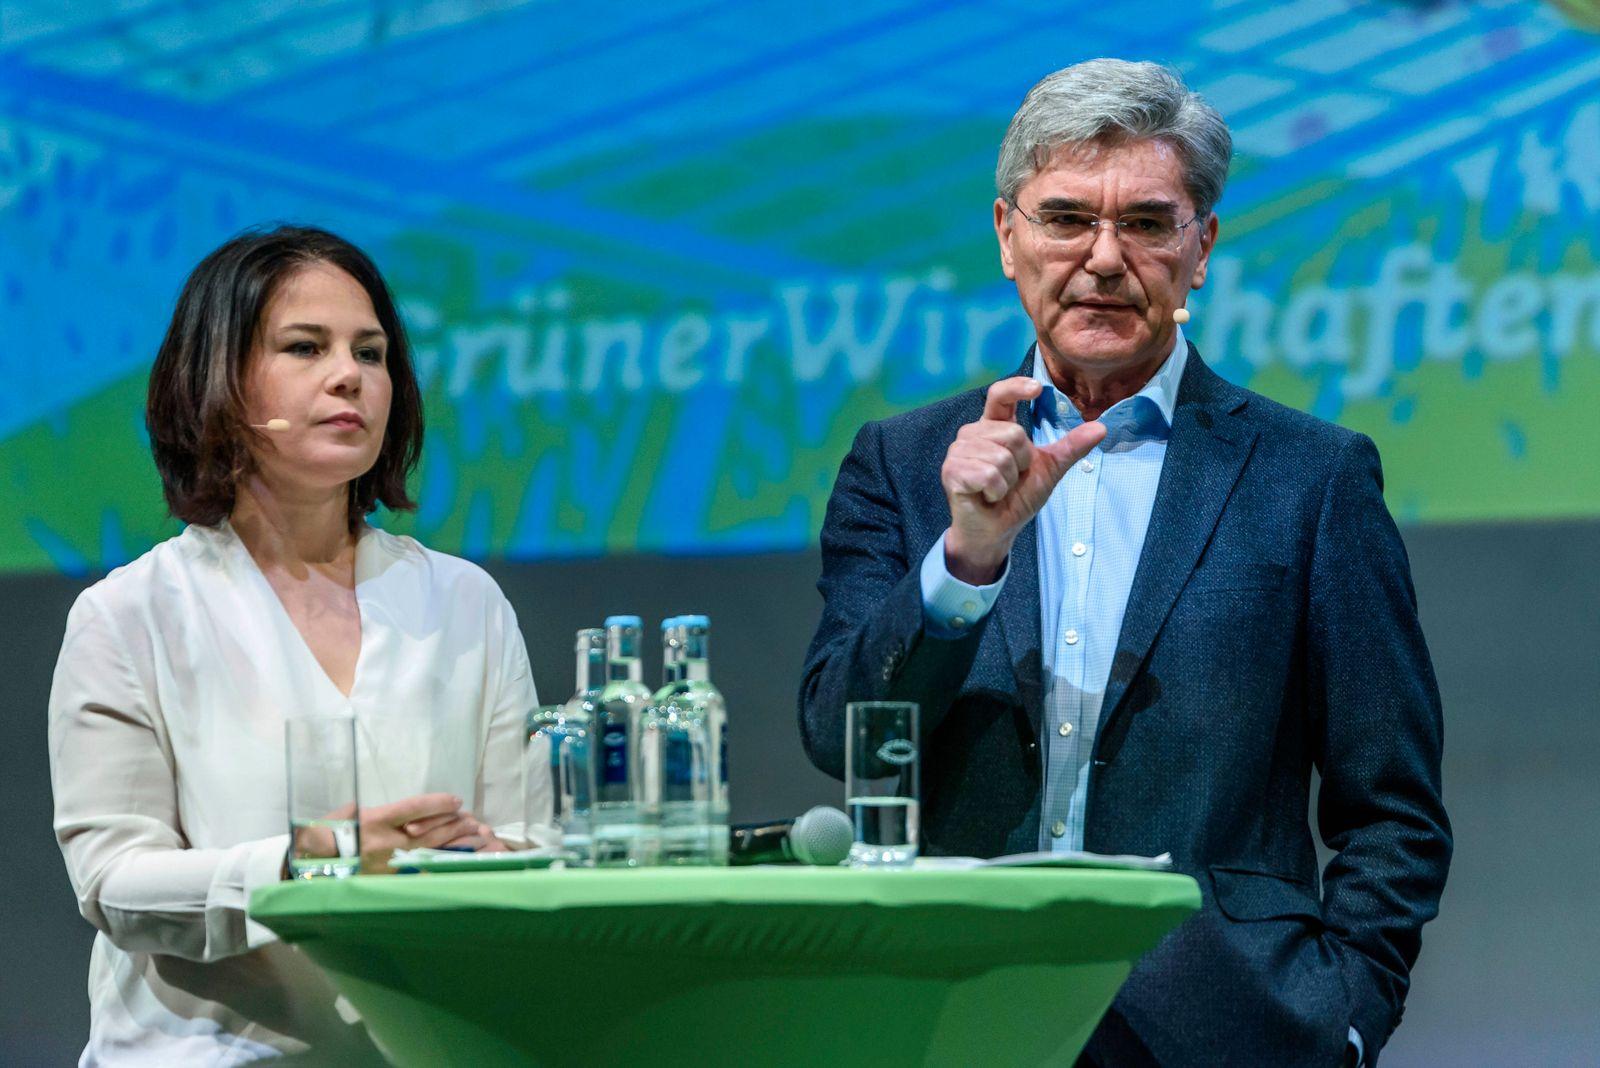 Parteivorsitzende Annalena Baerbock (Bündnis 90 /Die Grünen) und Joe Kaeser (Siemens AG) beim Grünen Wirtschaftskongres